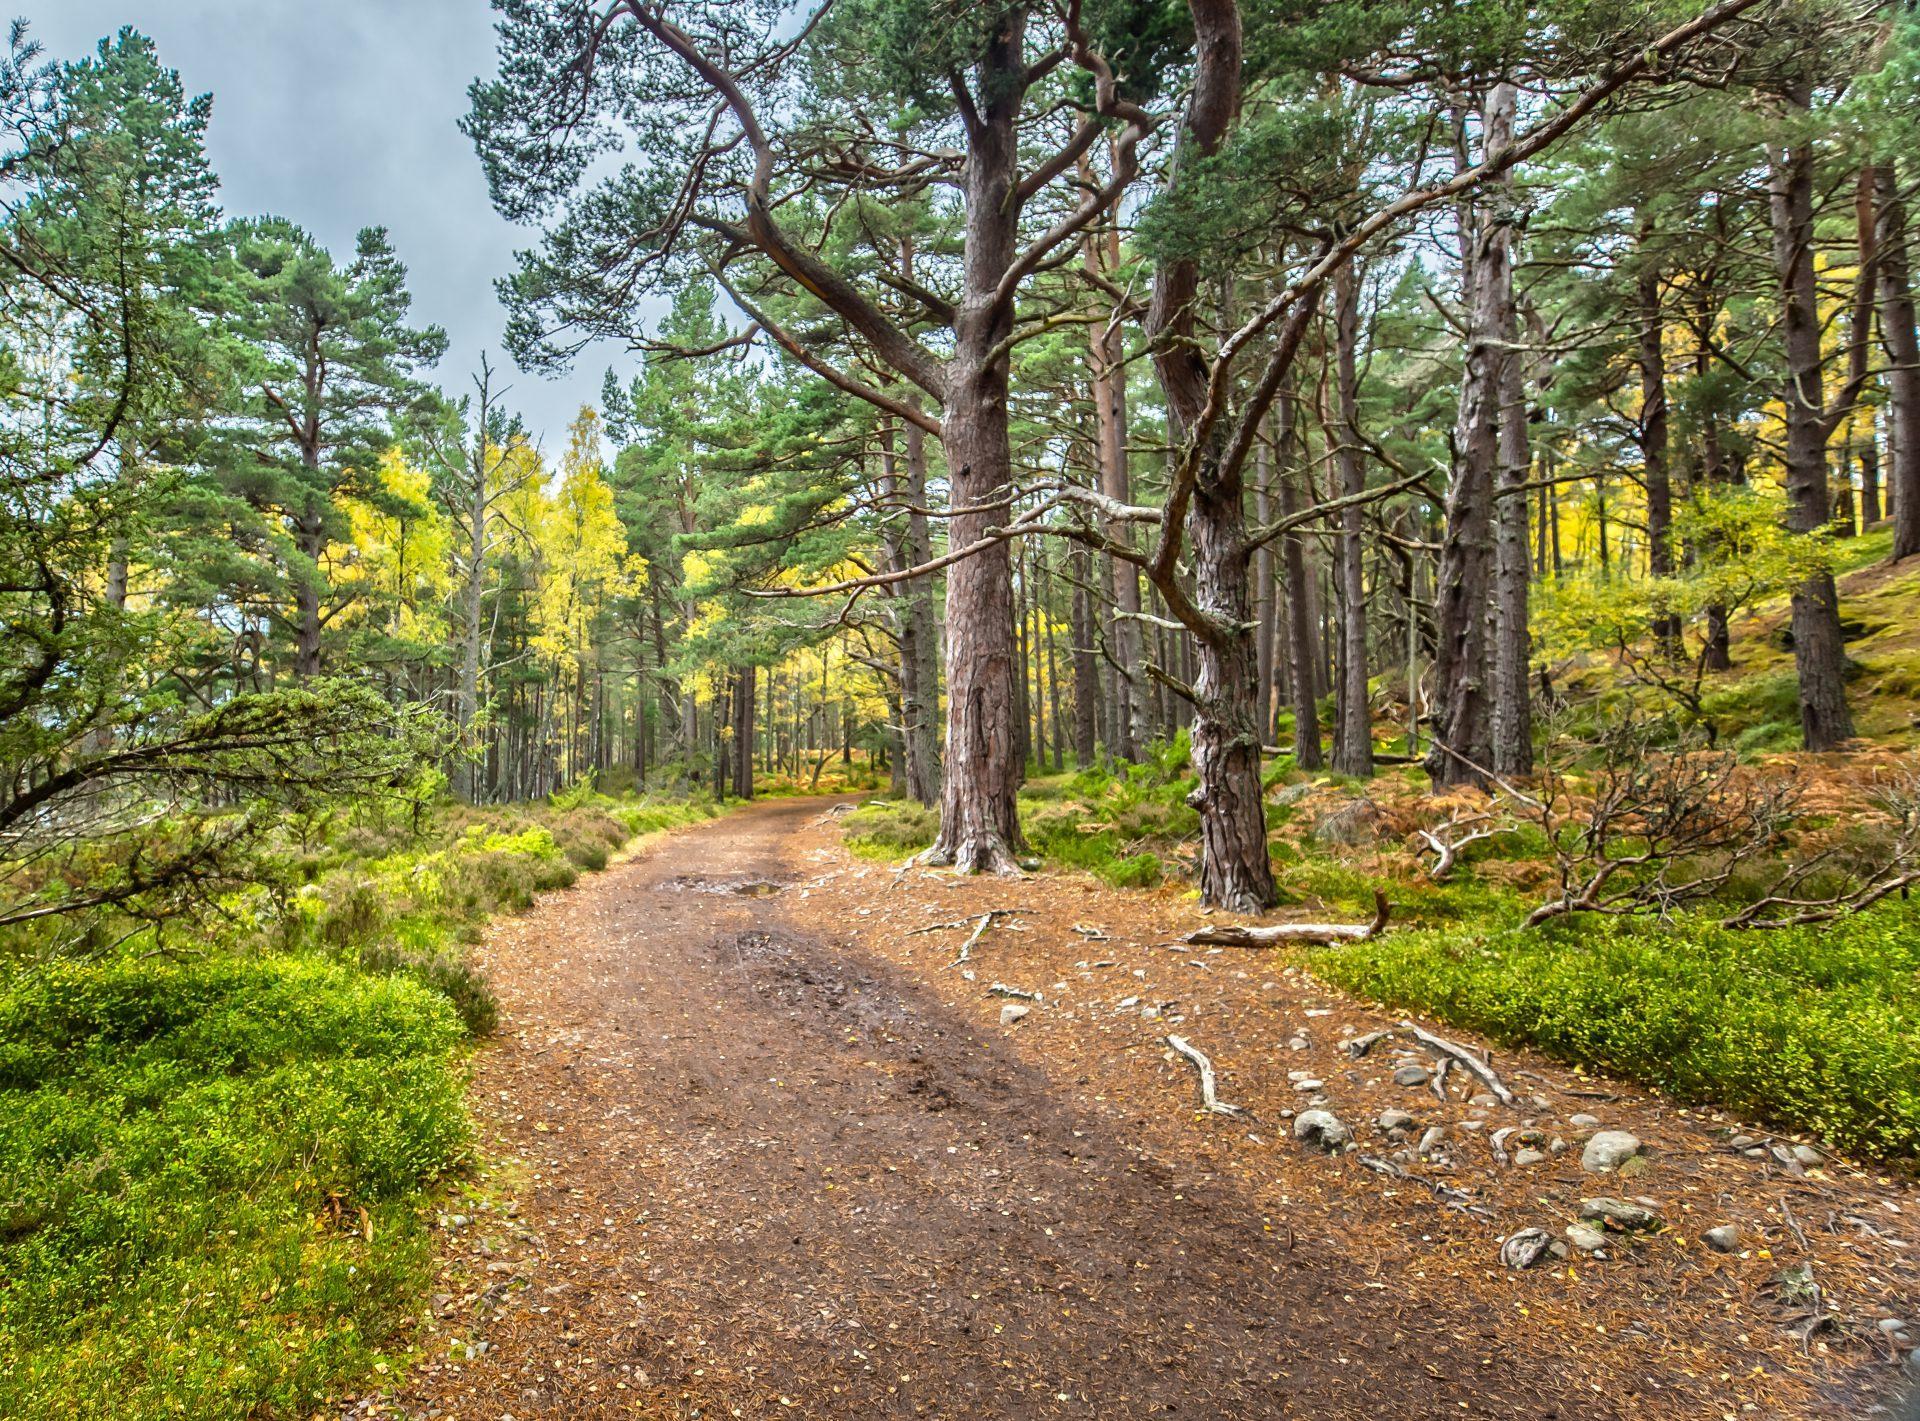 Rothiemurchus Forest, Badenoch and Strathspey, Scotland